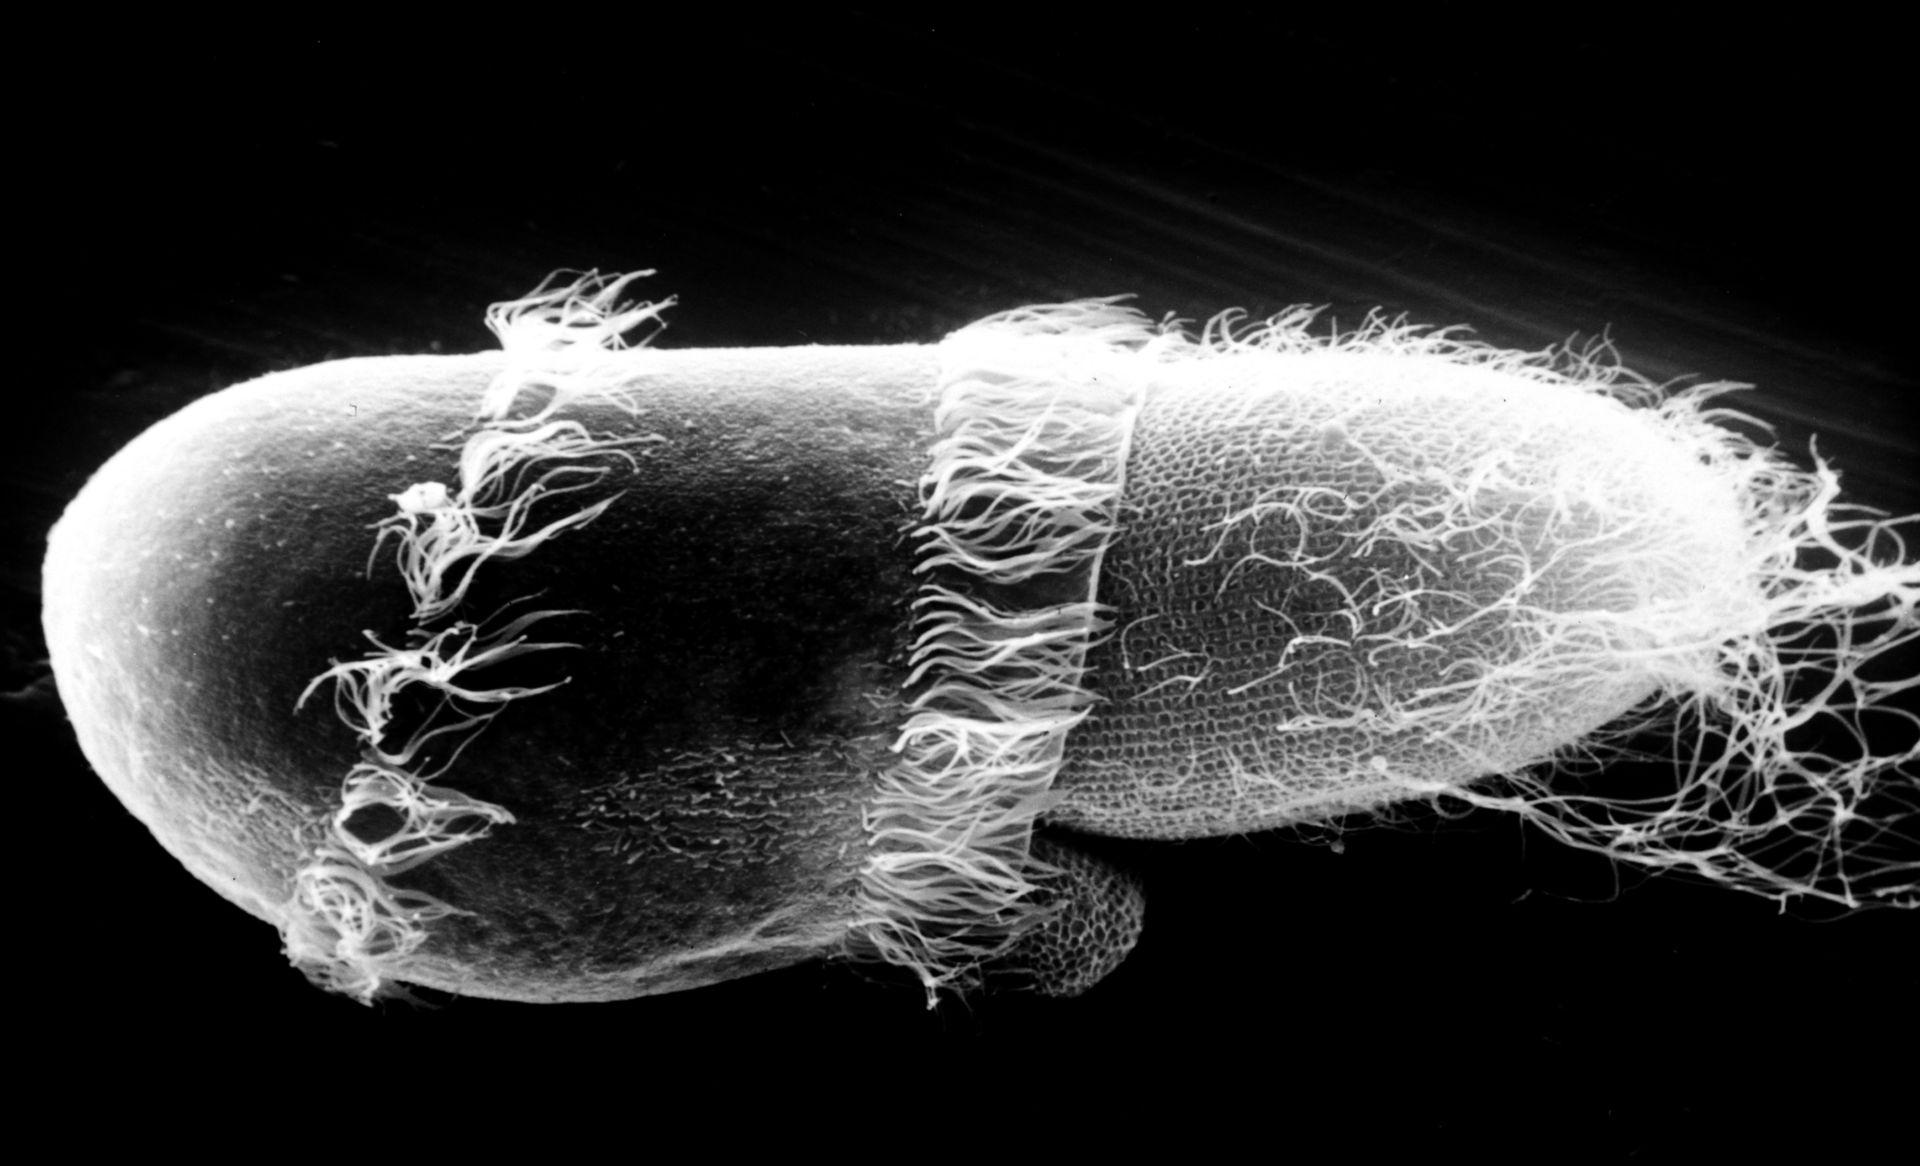 Paramecium sp. (superficie cellulare) - CIL:39249